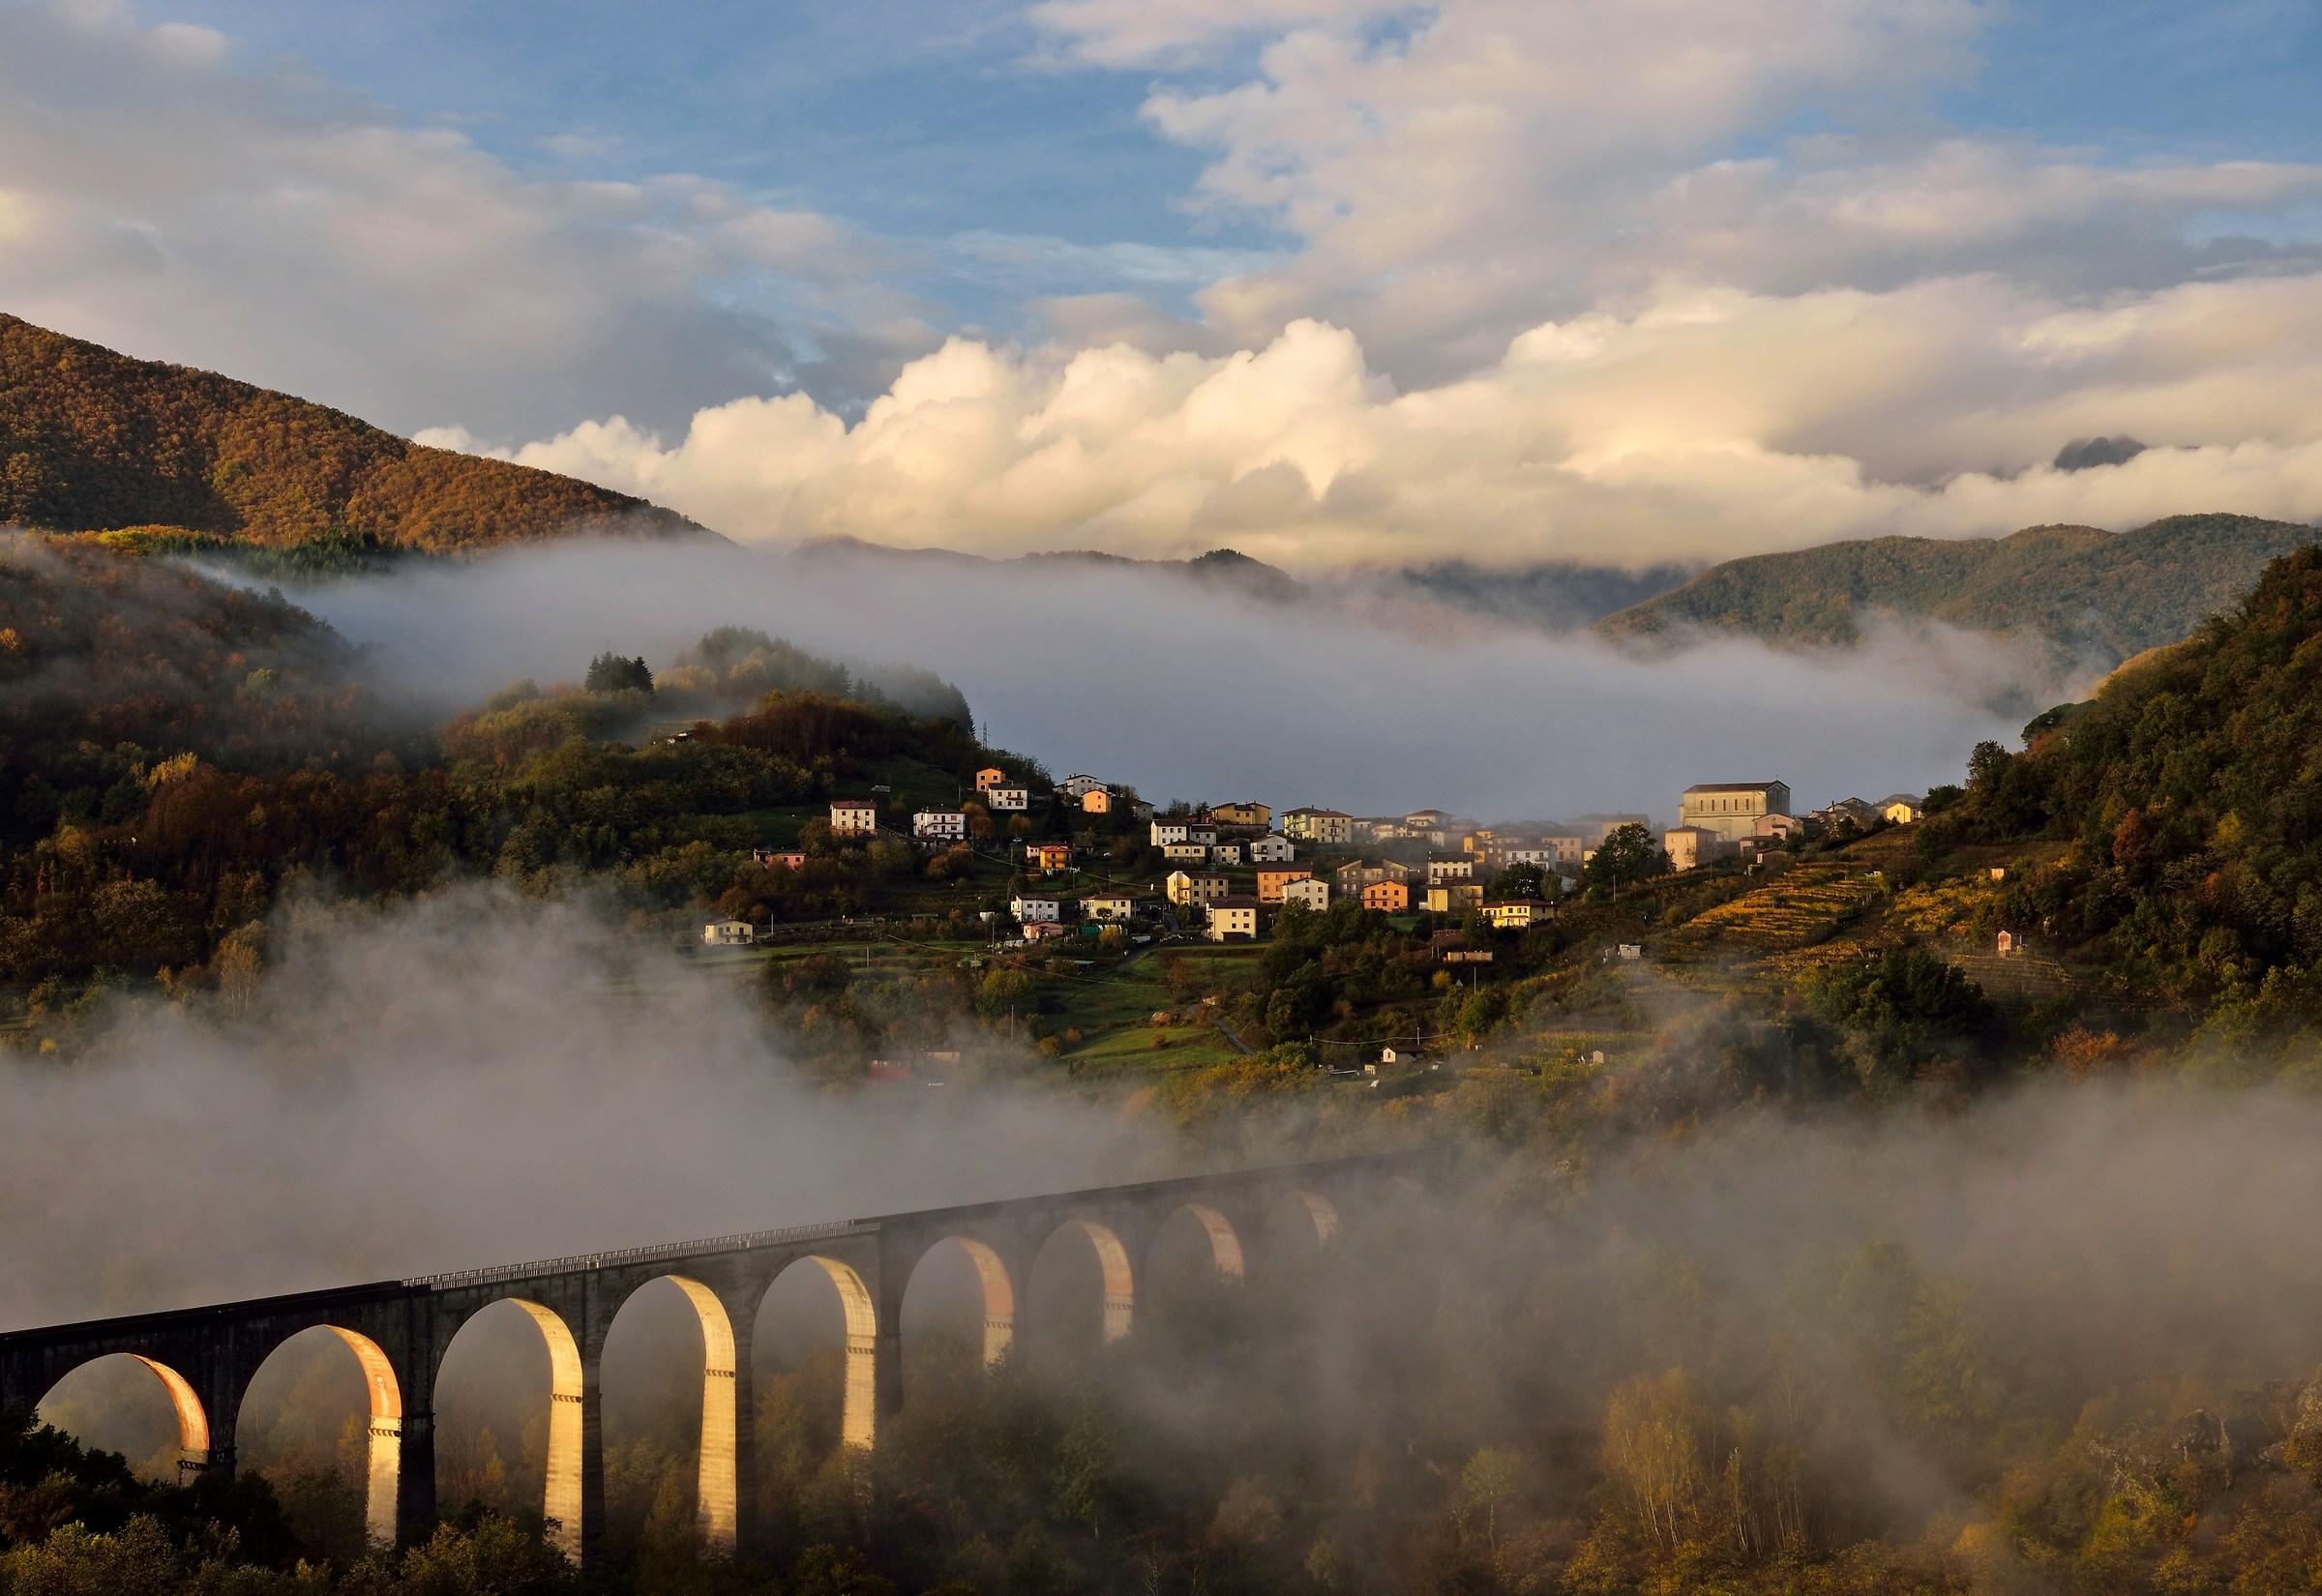 Bridge in the Fog...